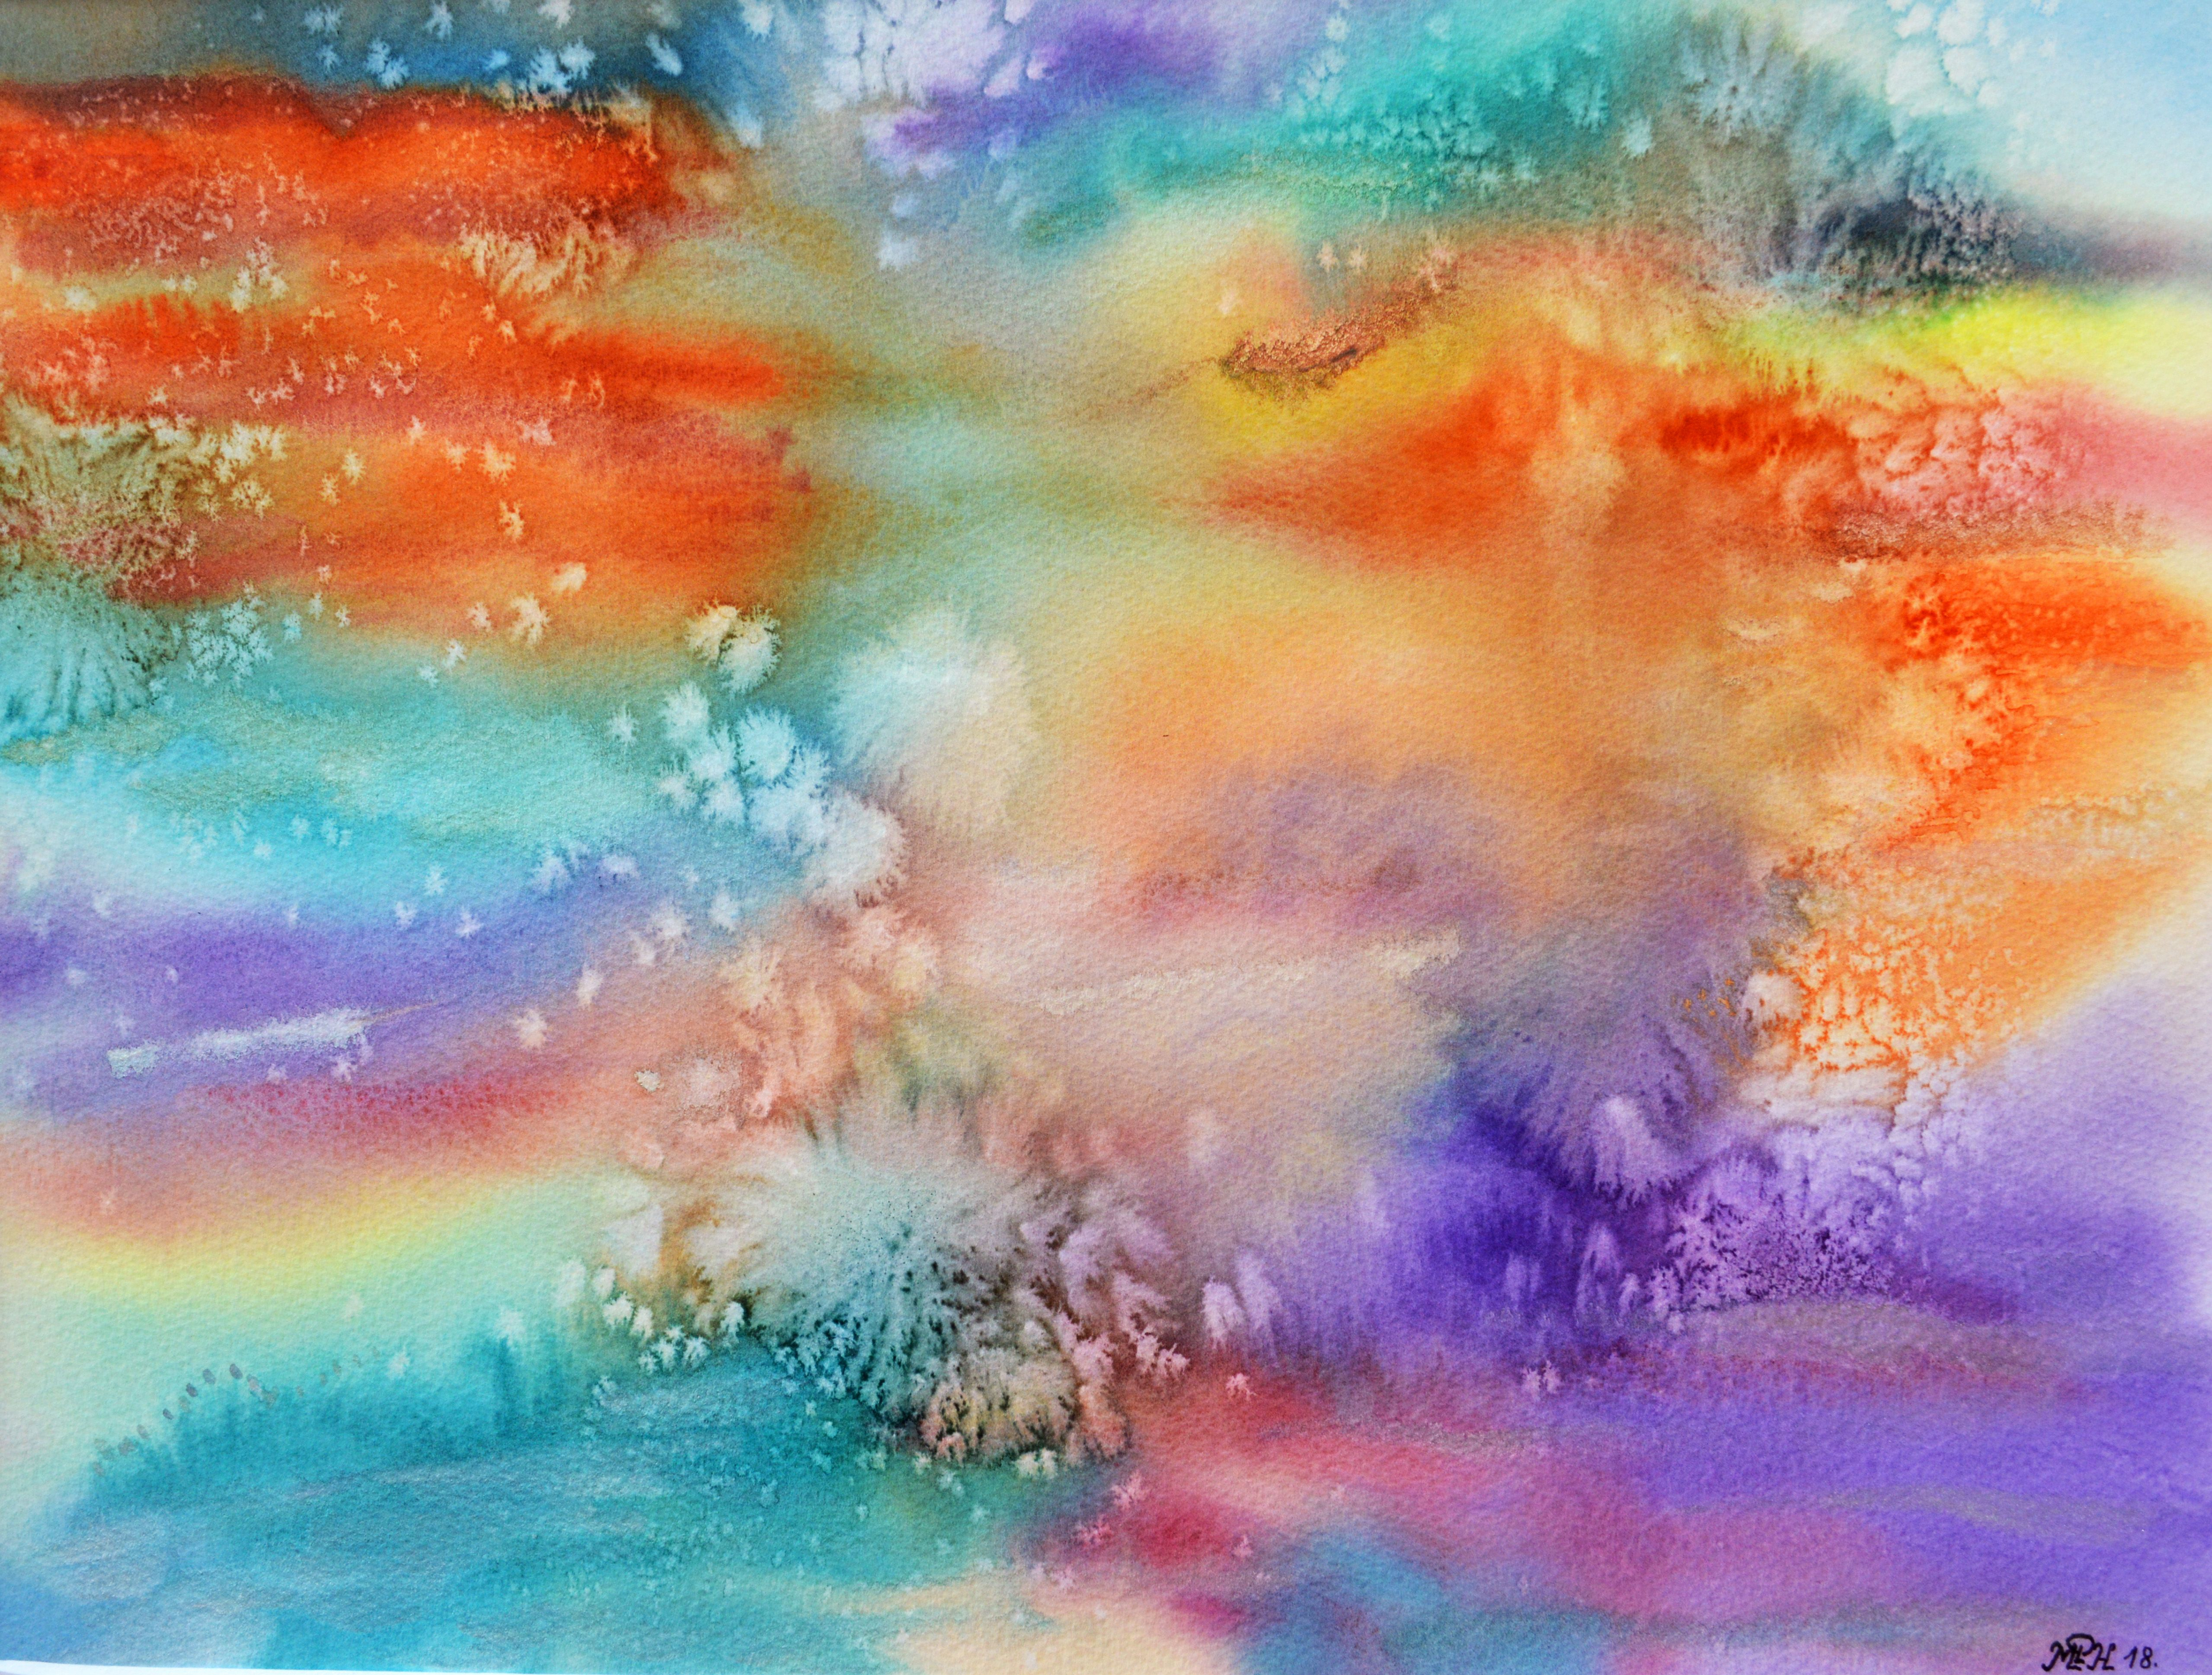 Peinture A L Aquarelle Colle Et Sel Vorschulkunstaktivitaten